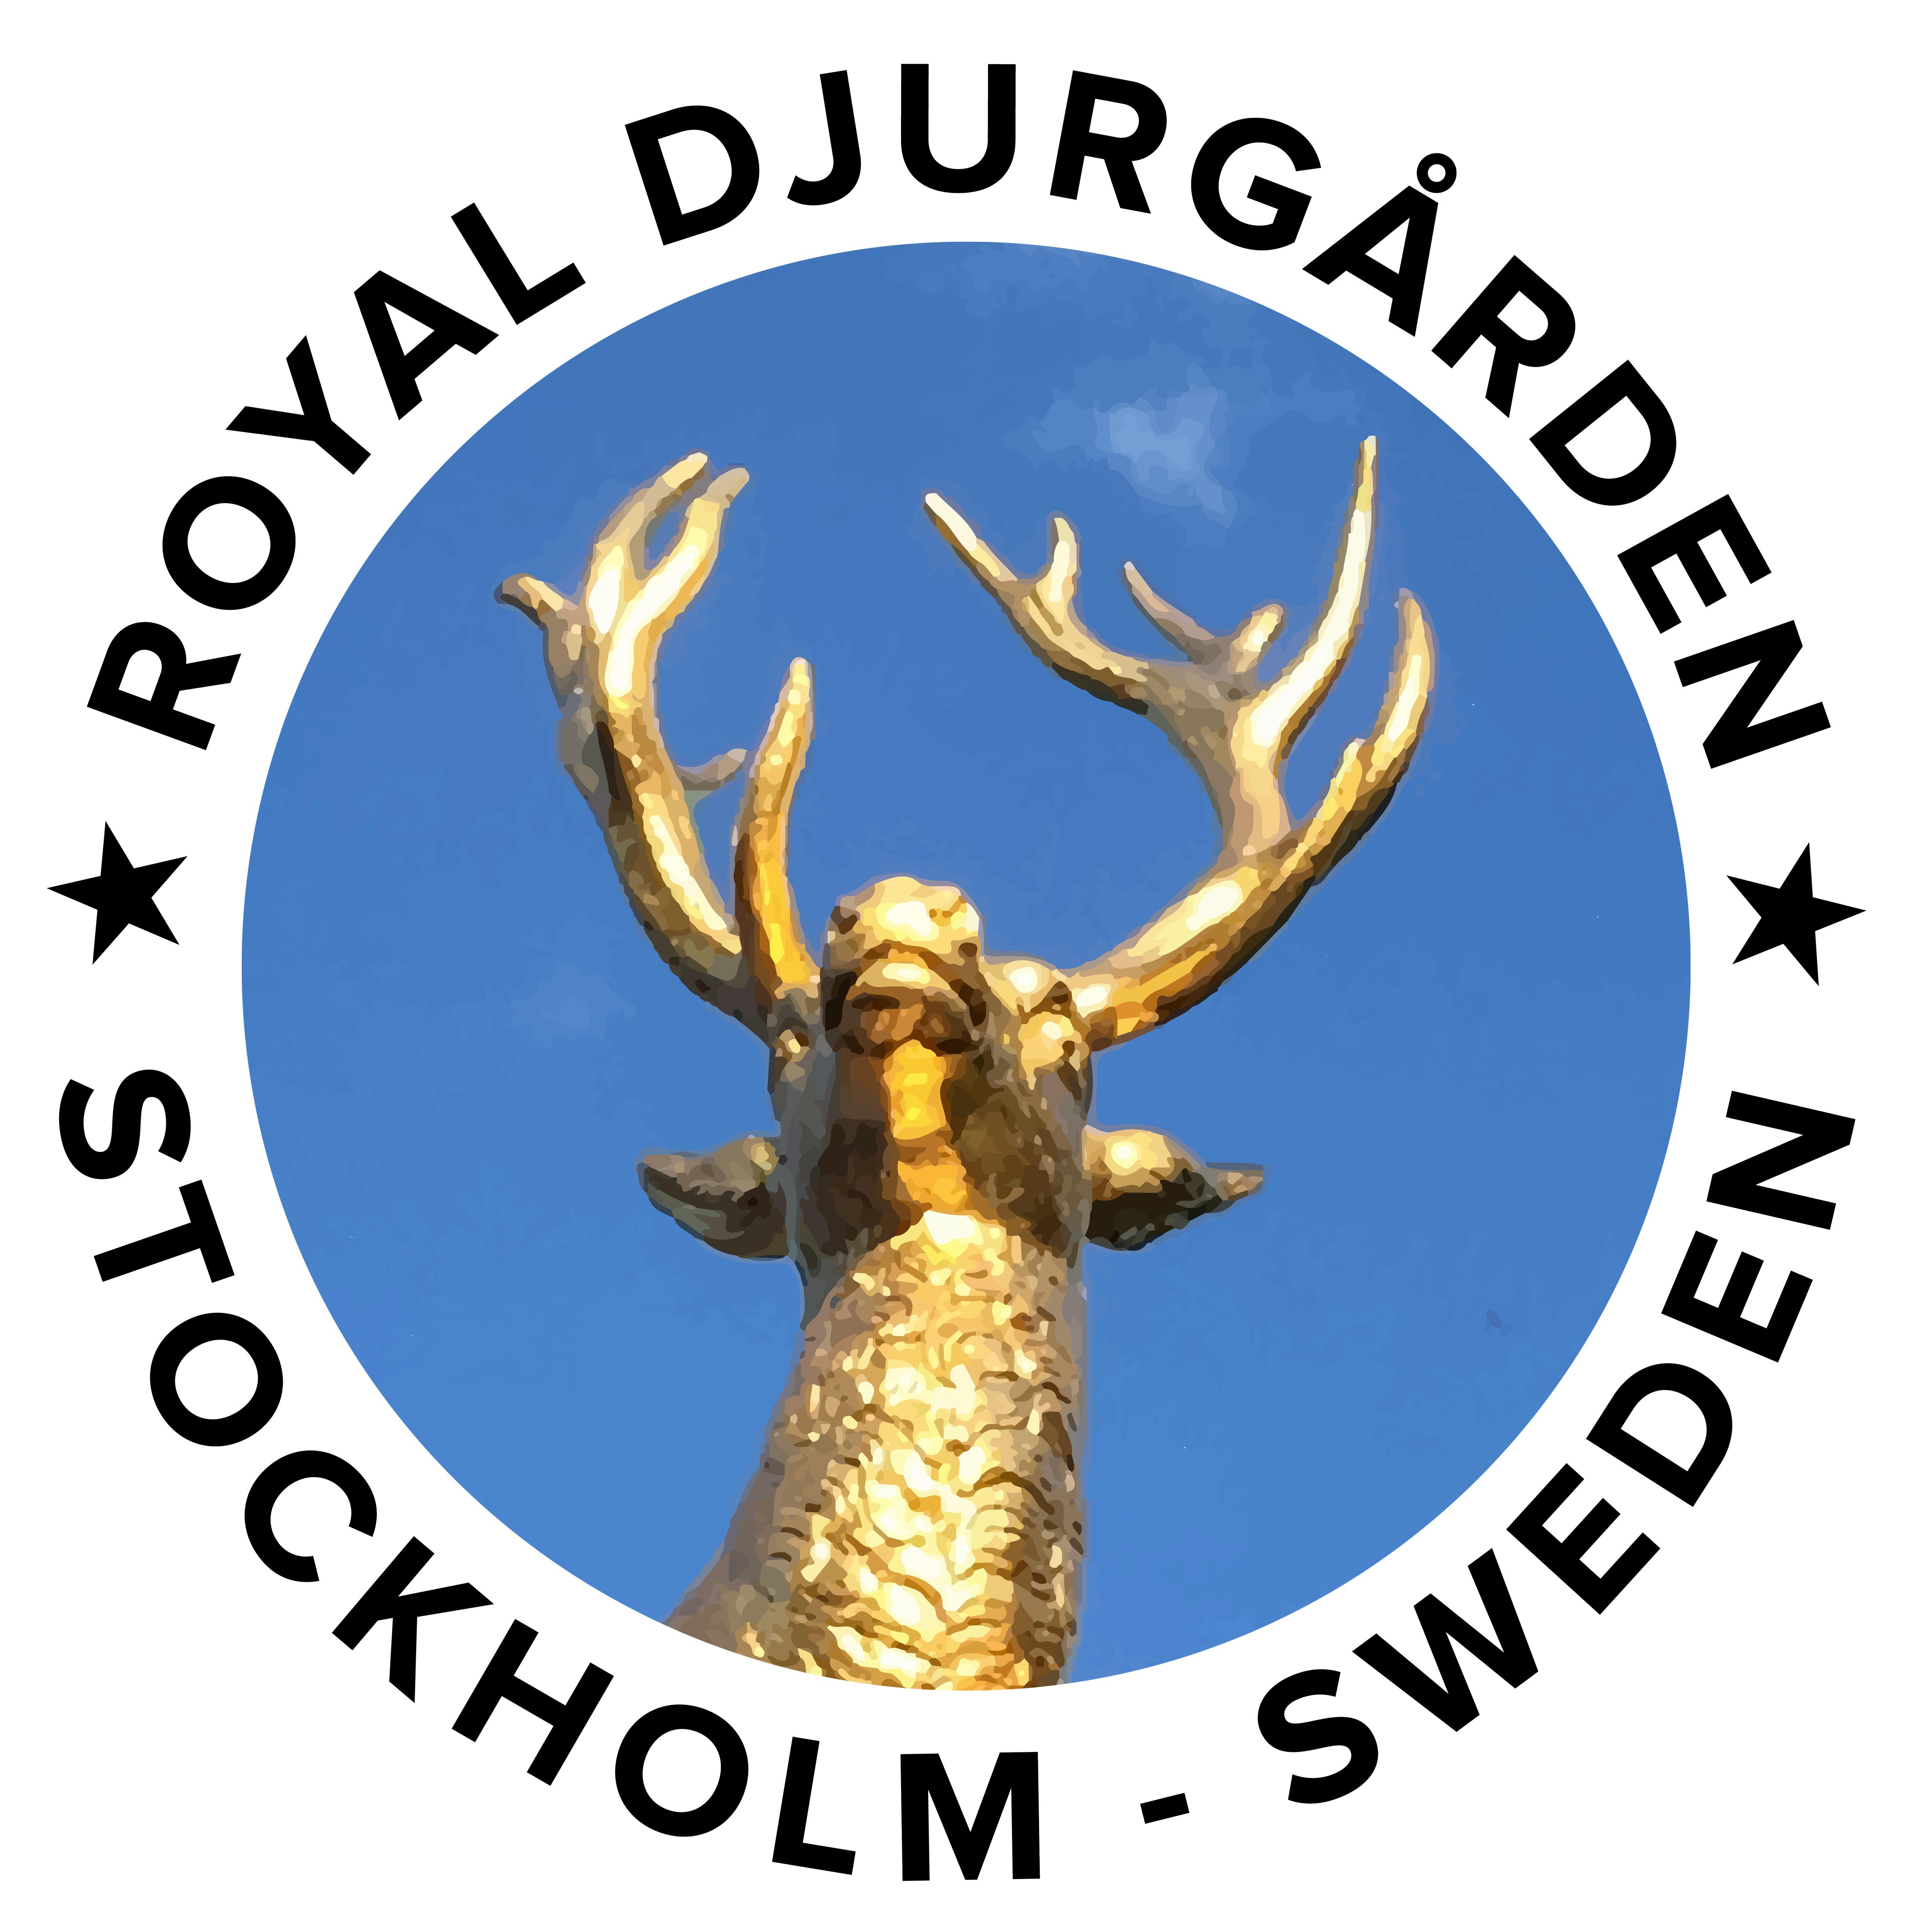 Avatar - Royal Djurgården